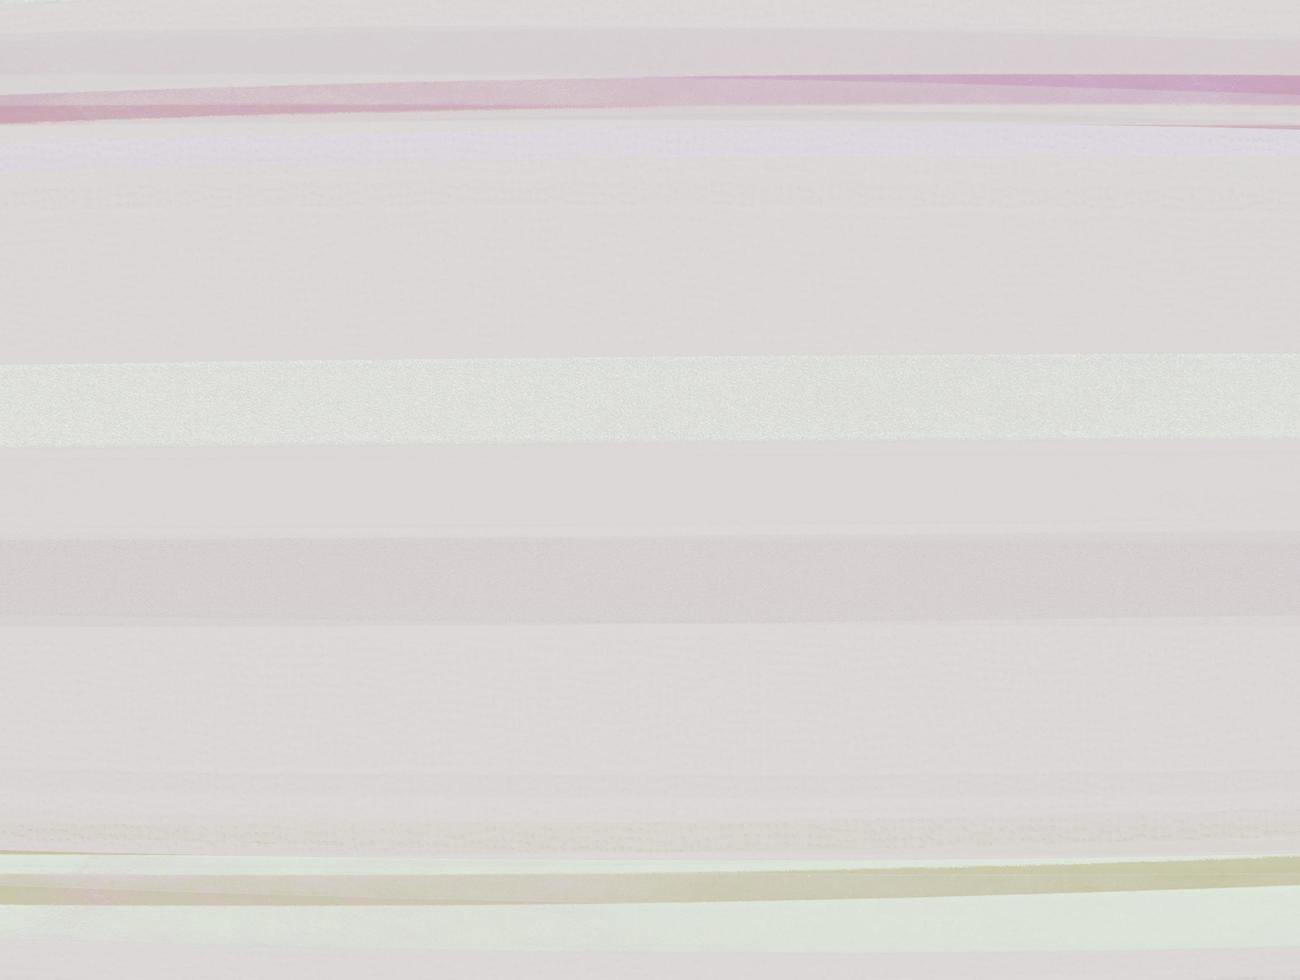 linhas abstratas em uma parede foto